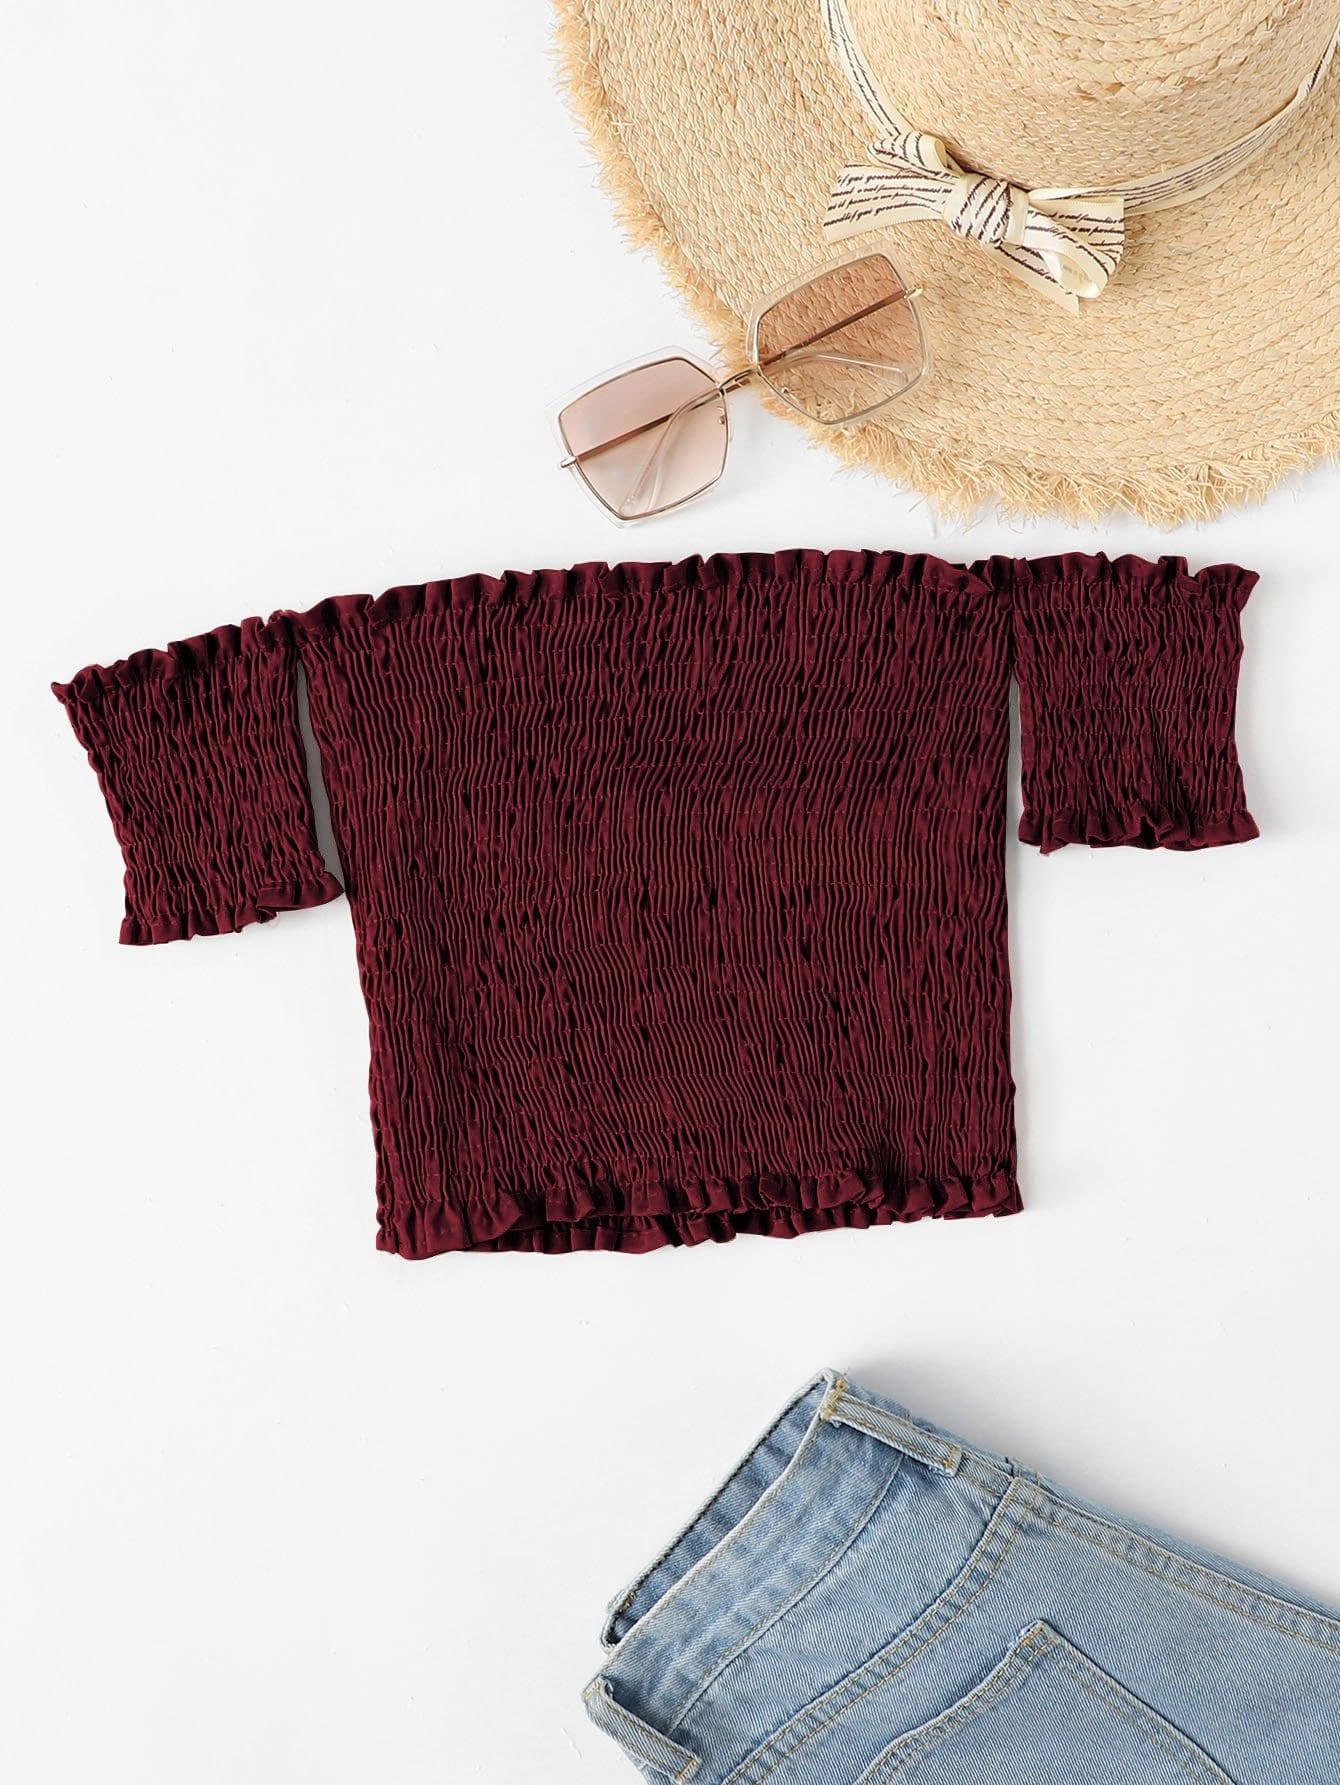 Сексуальная блуза Одноцветный с рюшами Бордовый Блузы+рубашки, null, SheIn  - купить со скидкой